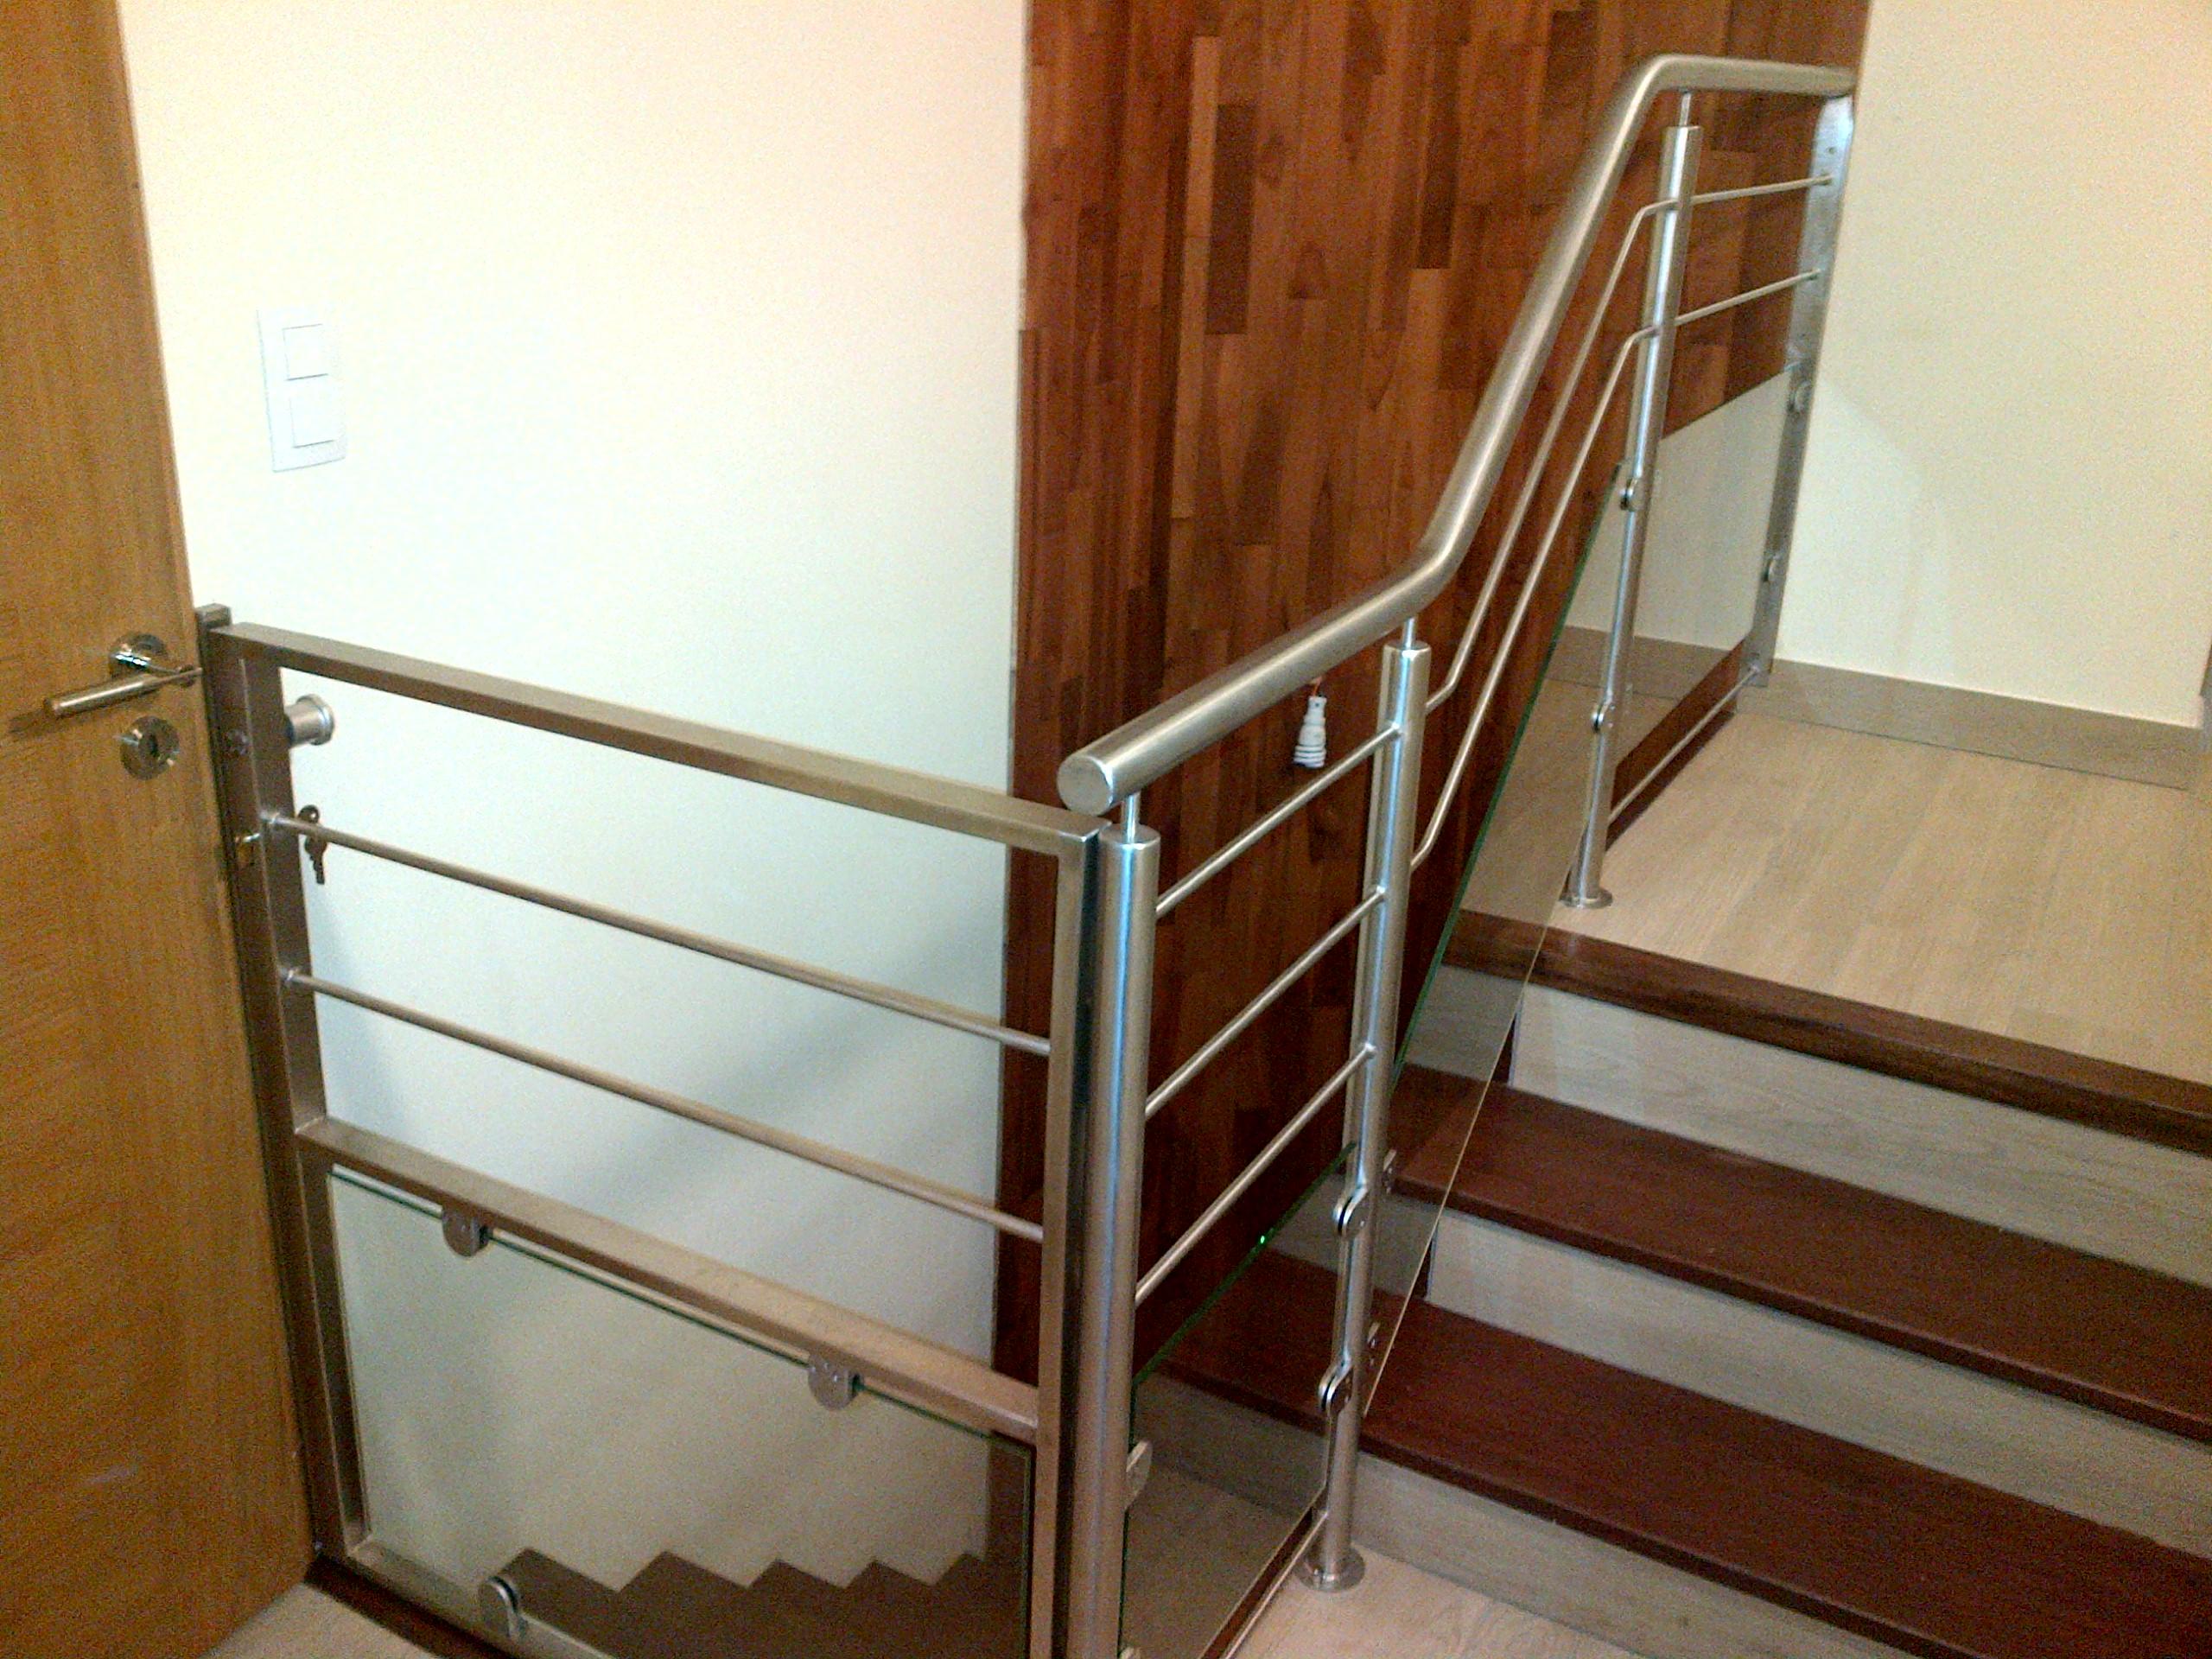 m tallerie cr ation de portillon en acier pliage appui. Black Bedroom Furniture Sets. Home Design Ideas